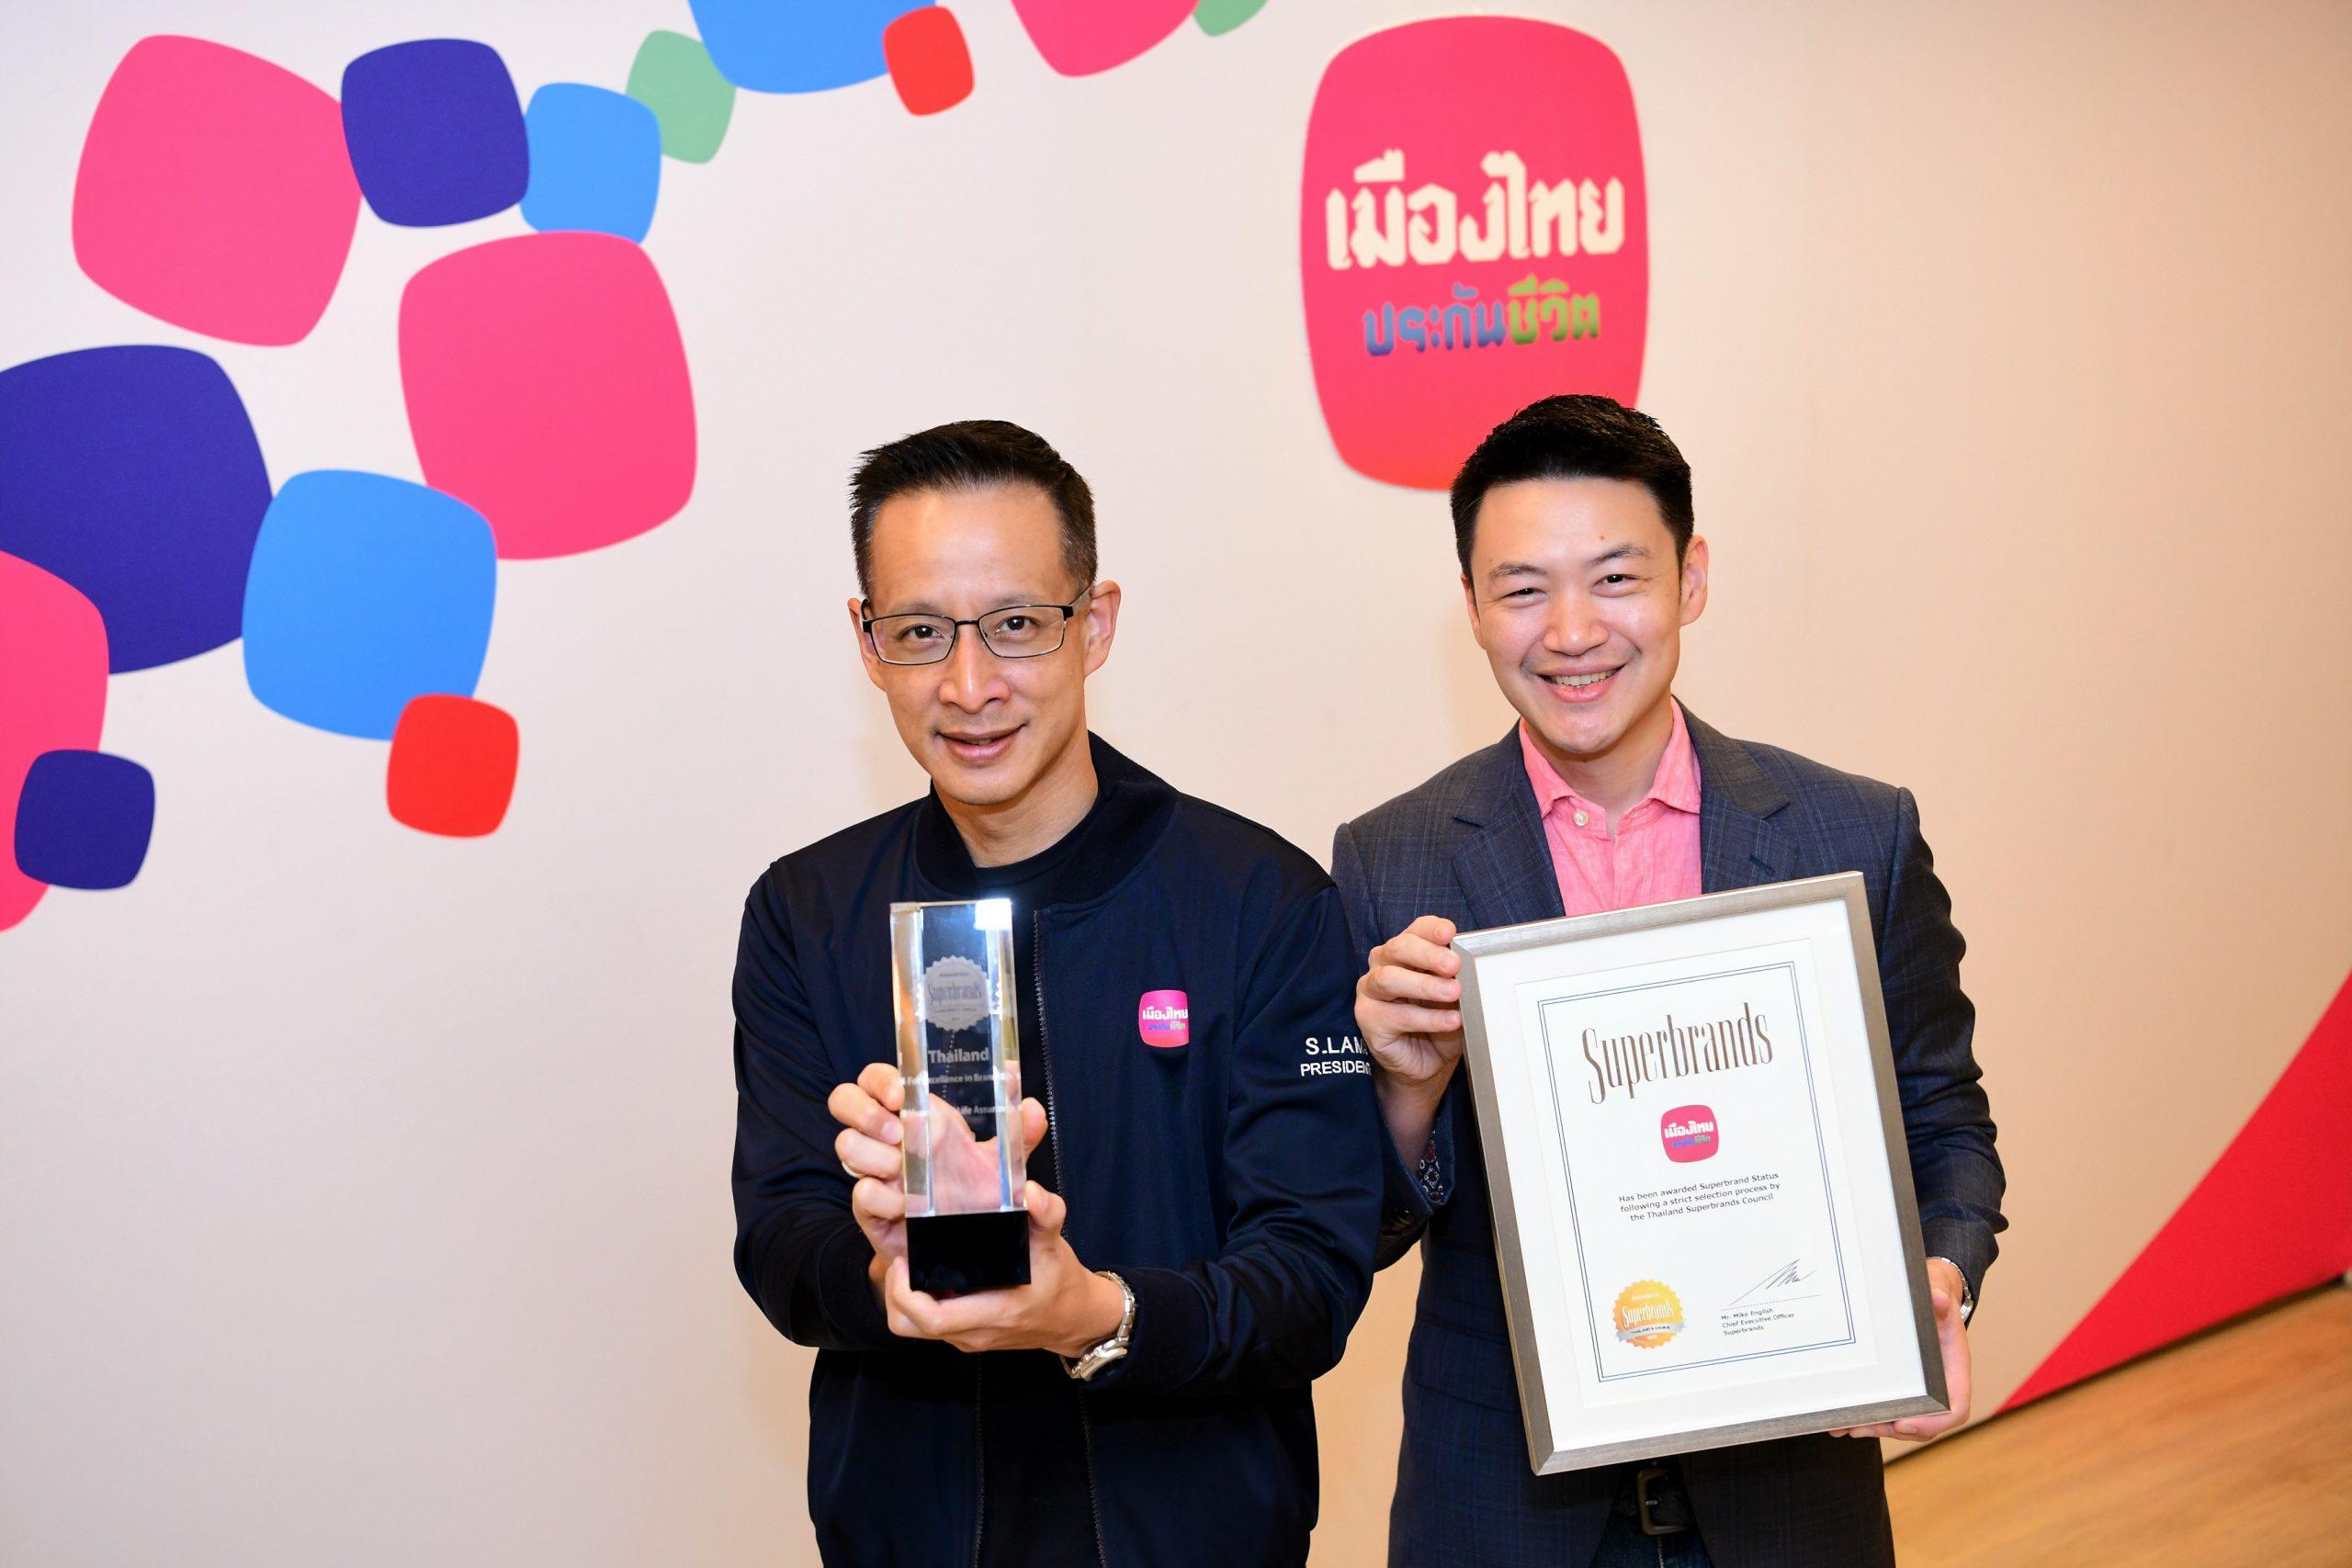 เมืองไทยประกันชีวิต รับรางวัลสุดยอดแบรนด์แห่งปีต่อเนื่องปีที่ 15